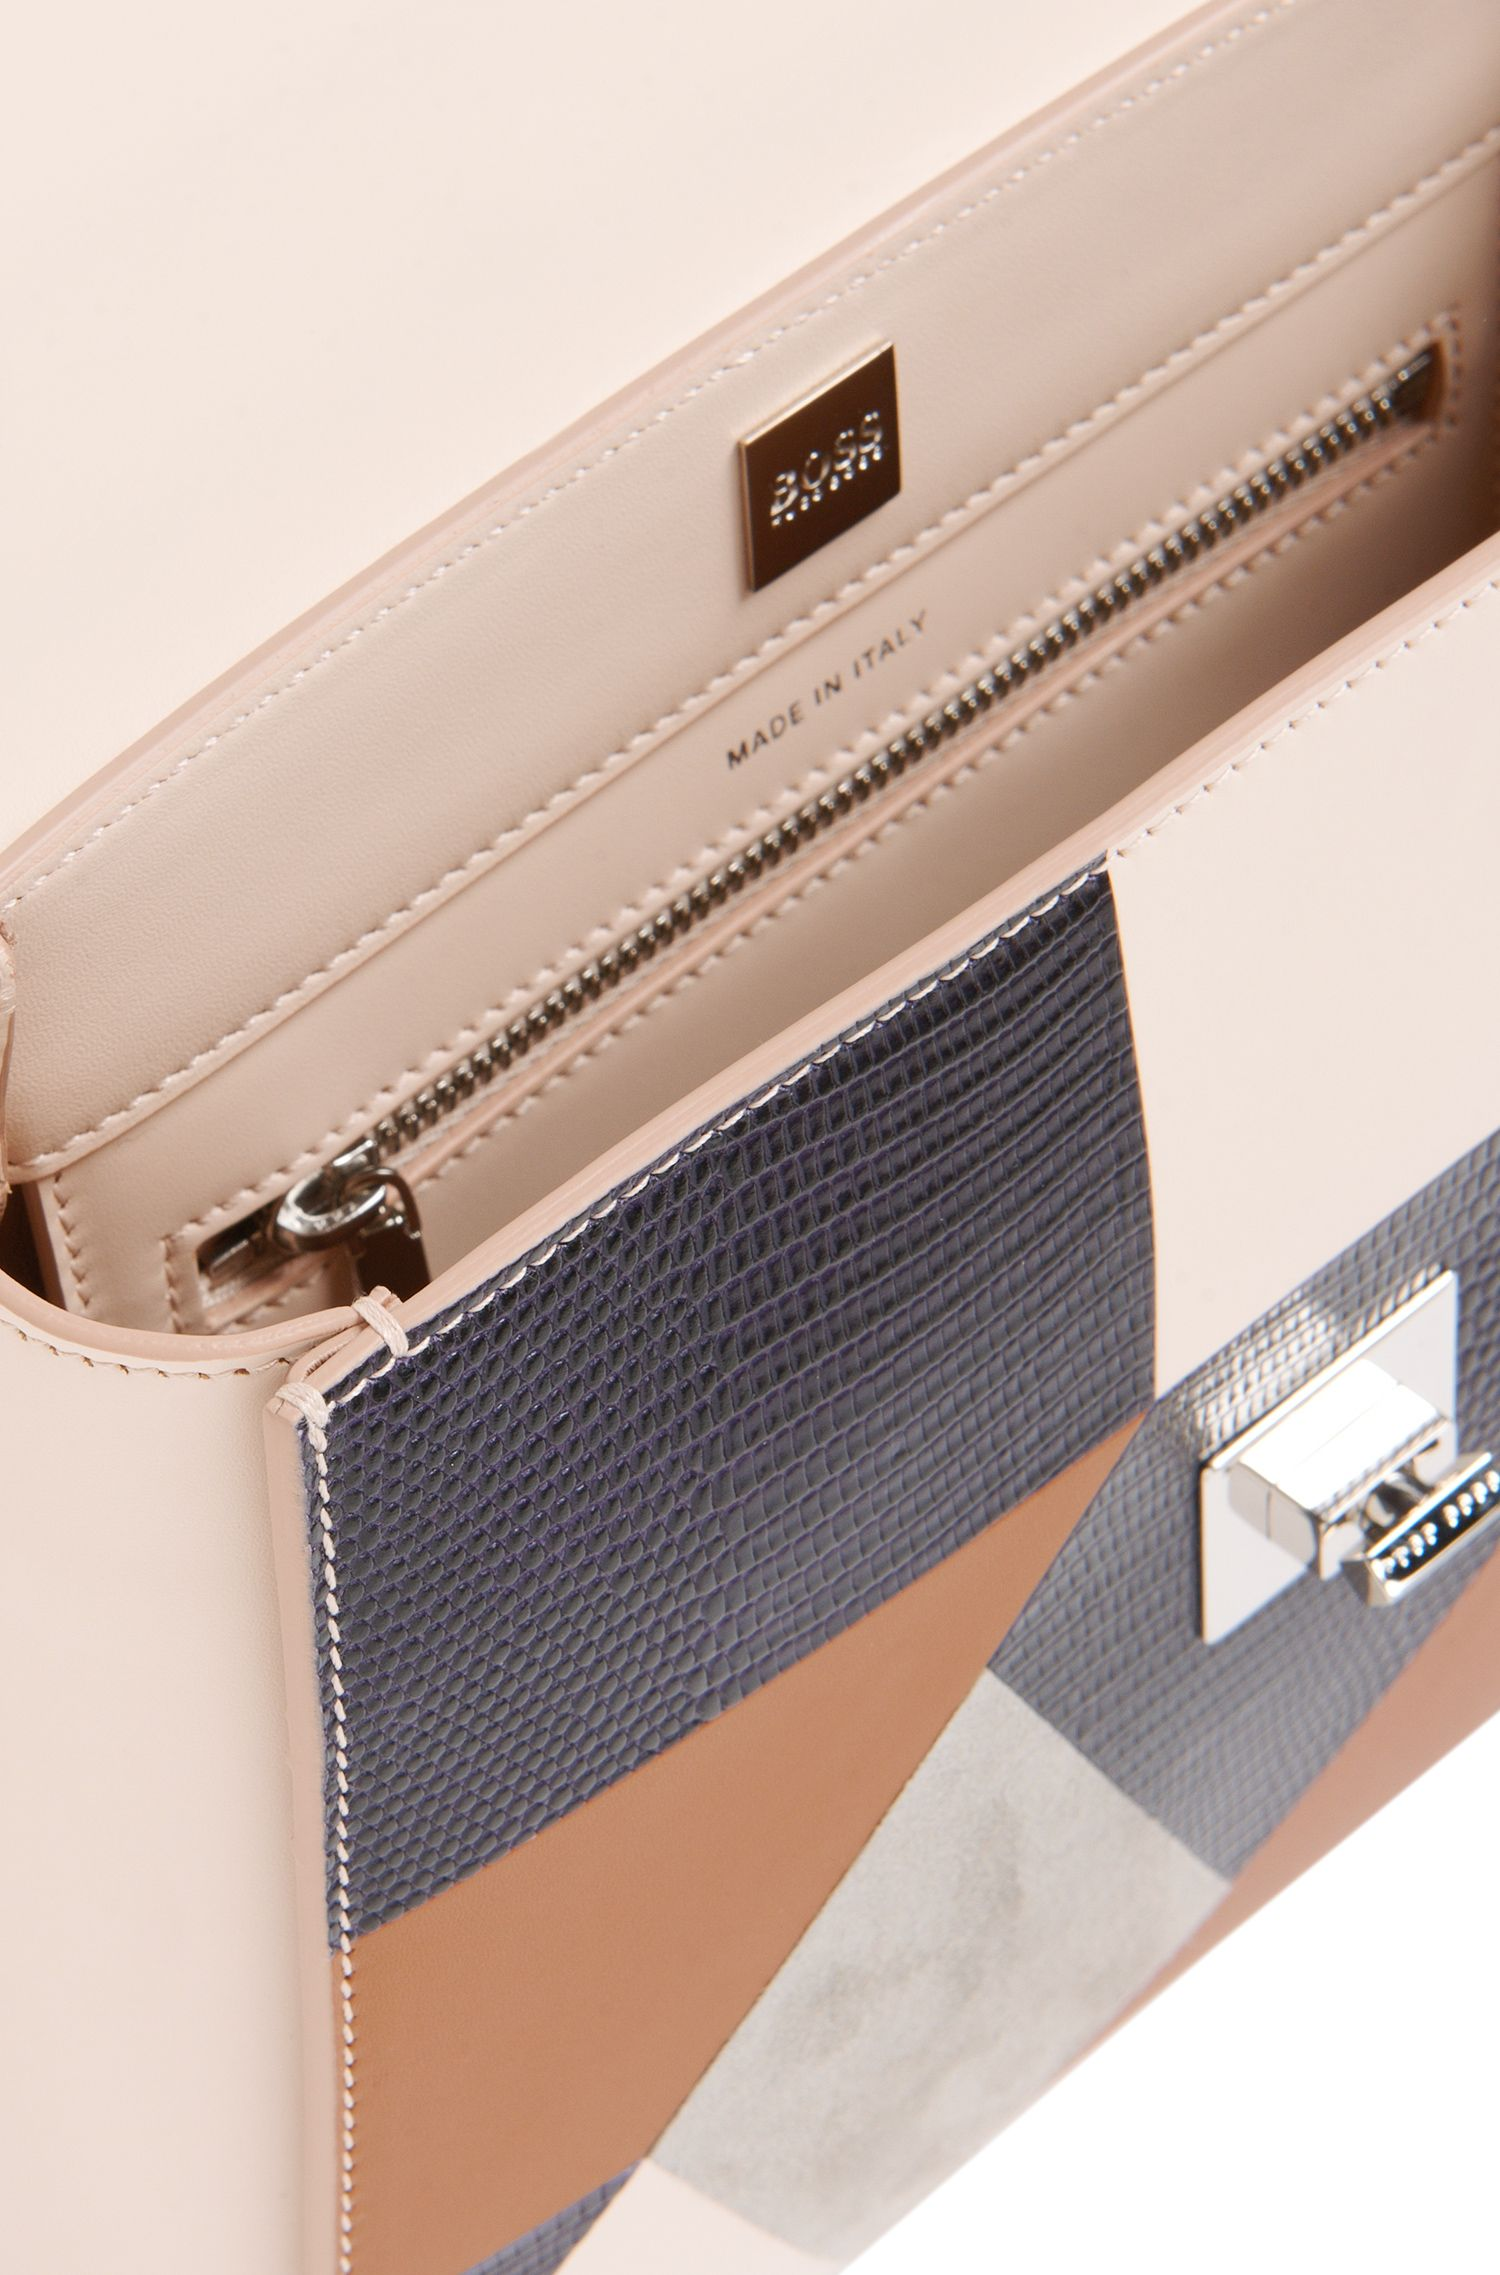 Petit sac à main BOSS Bespoke de l'Édition Runway en cuirs mélangés à effet patchwork.